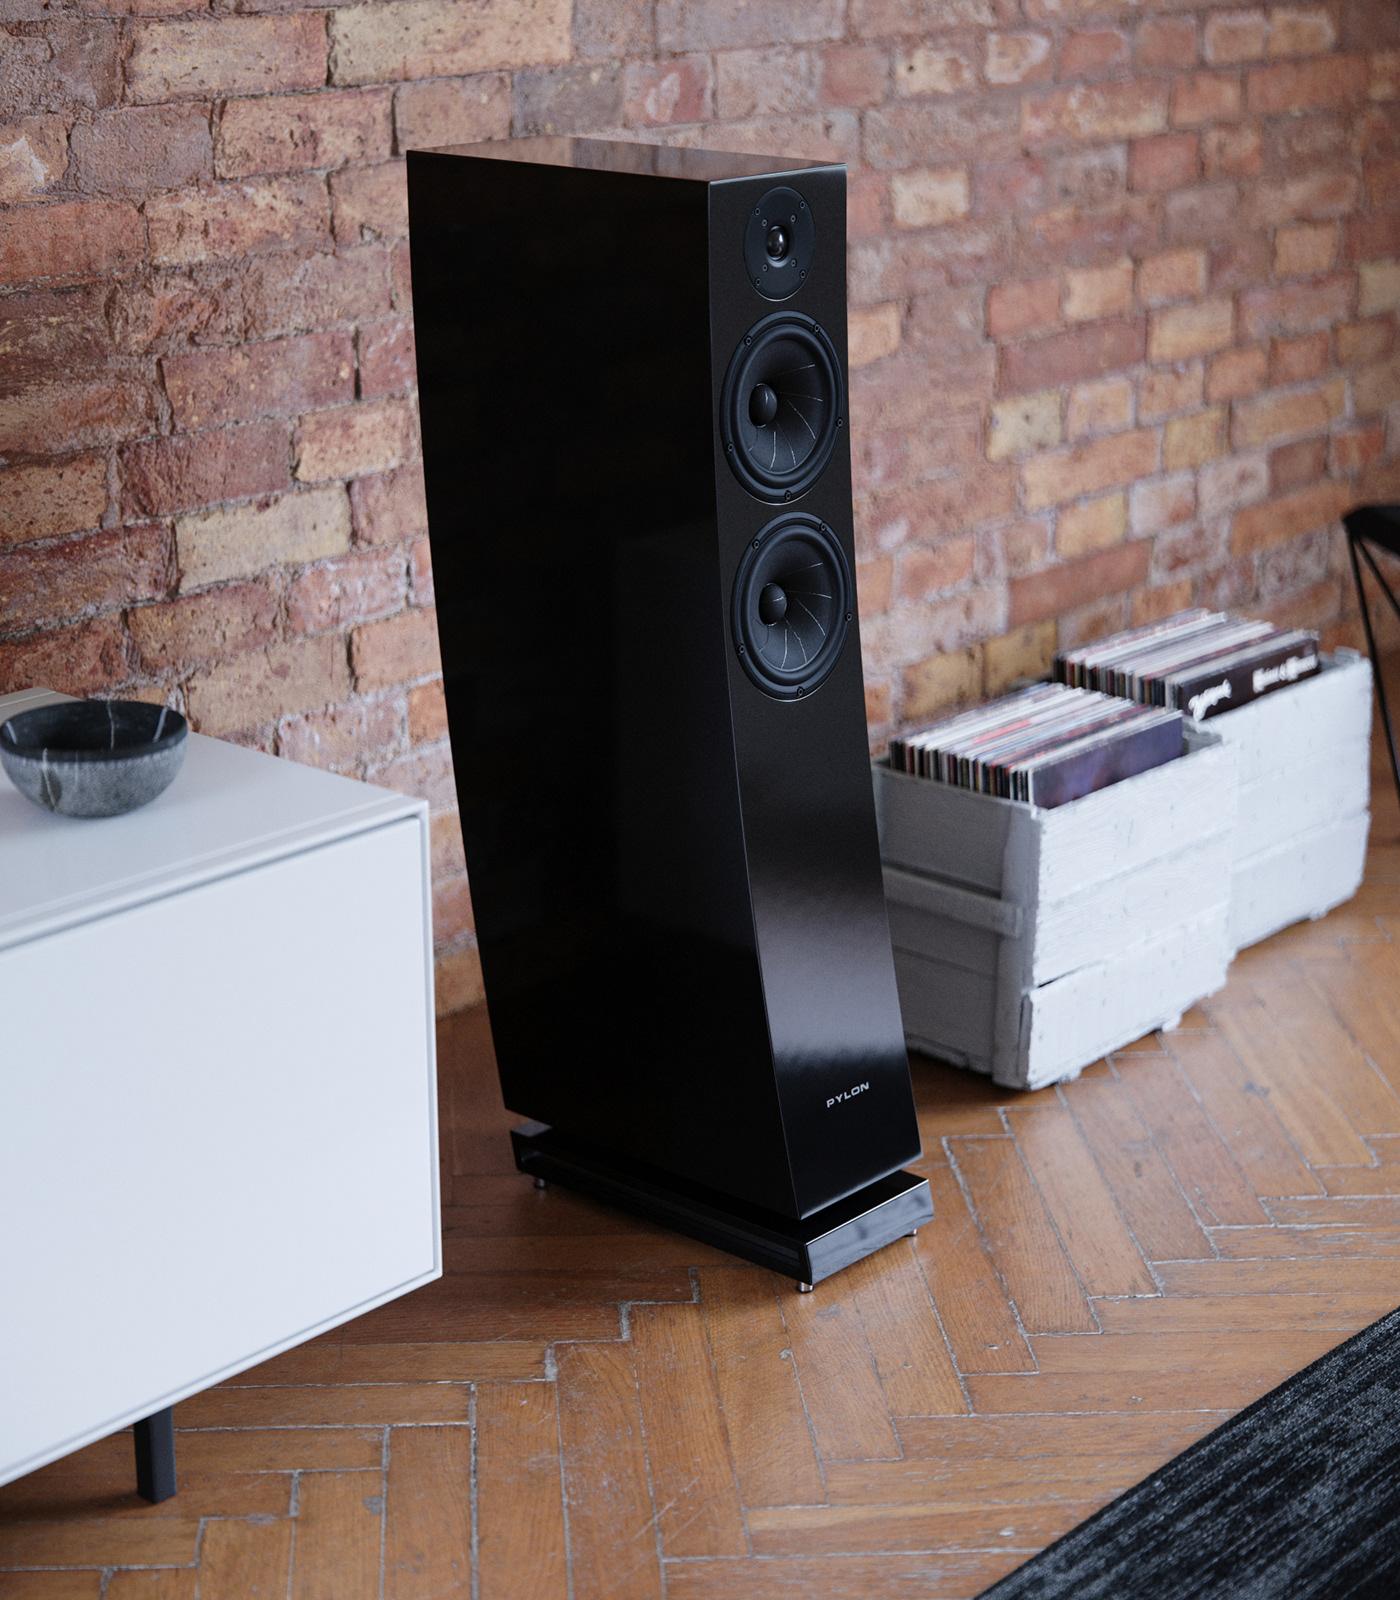 3dsmax Audio audiophile corona renderer hiend product rendering Renders speakers